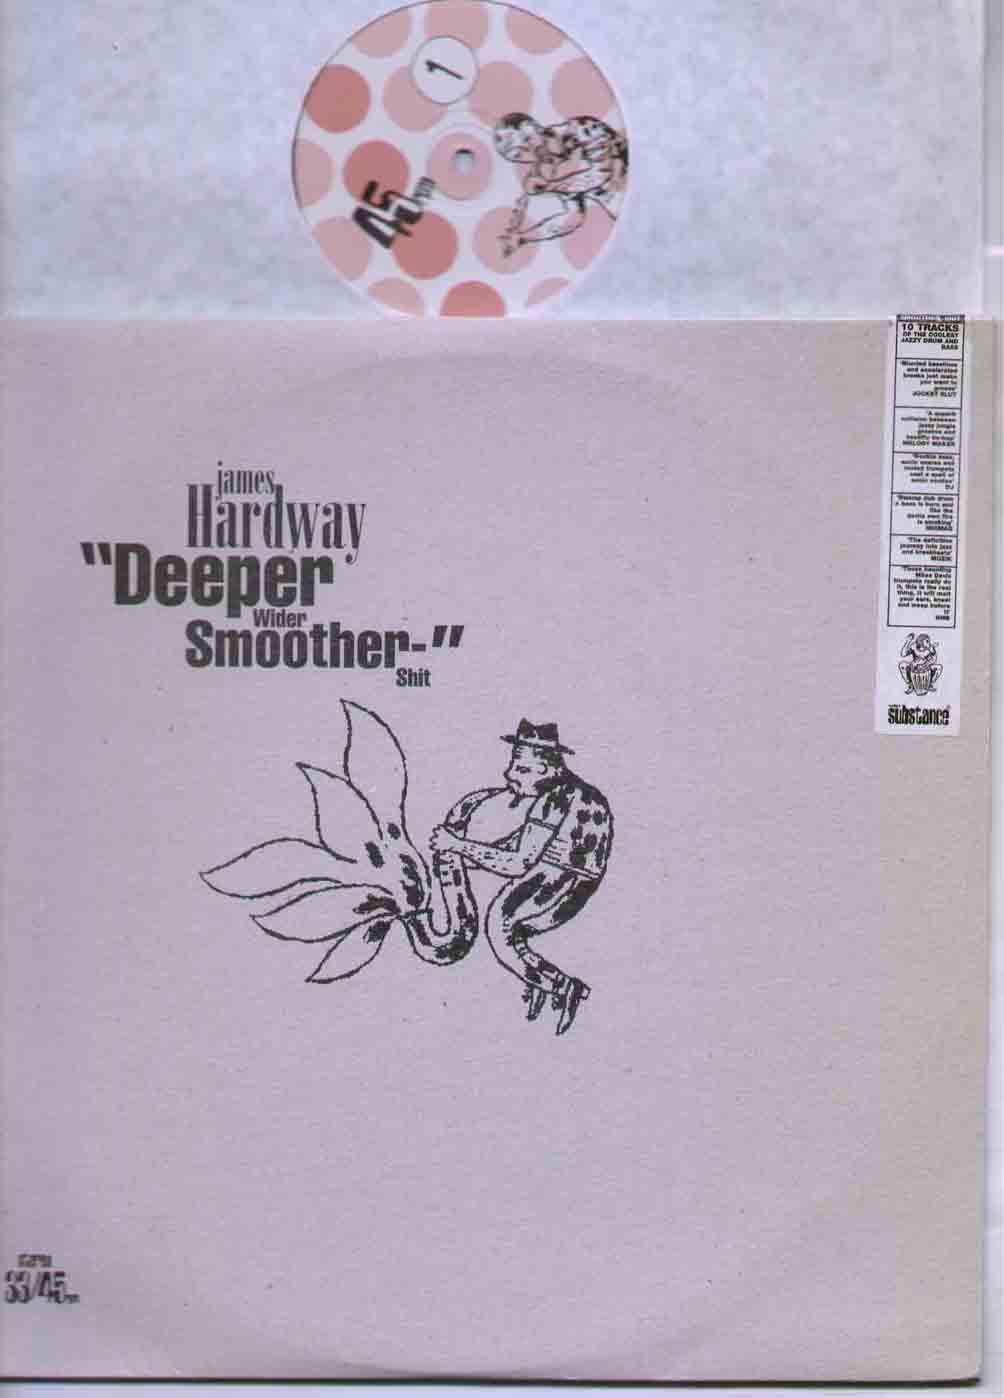 James Hardway - Grow - The Remixes